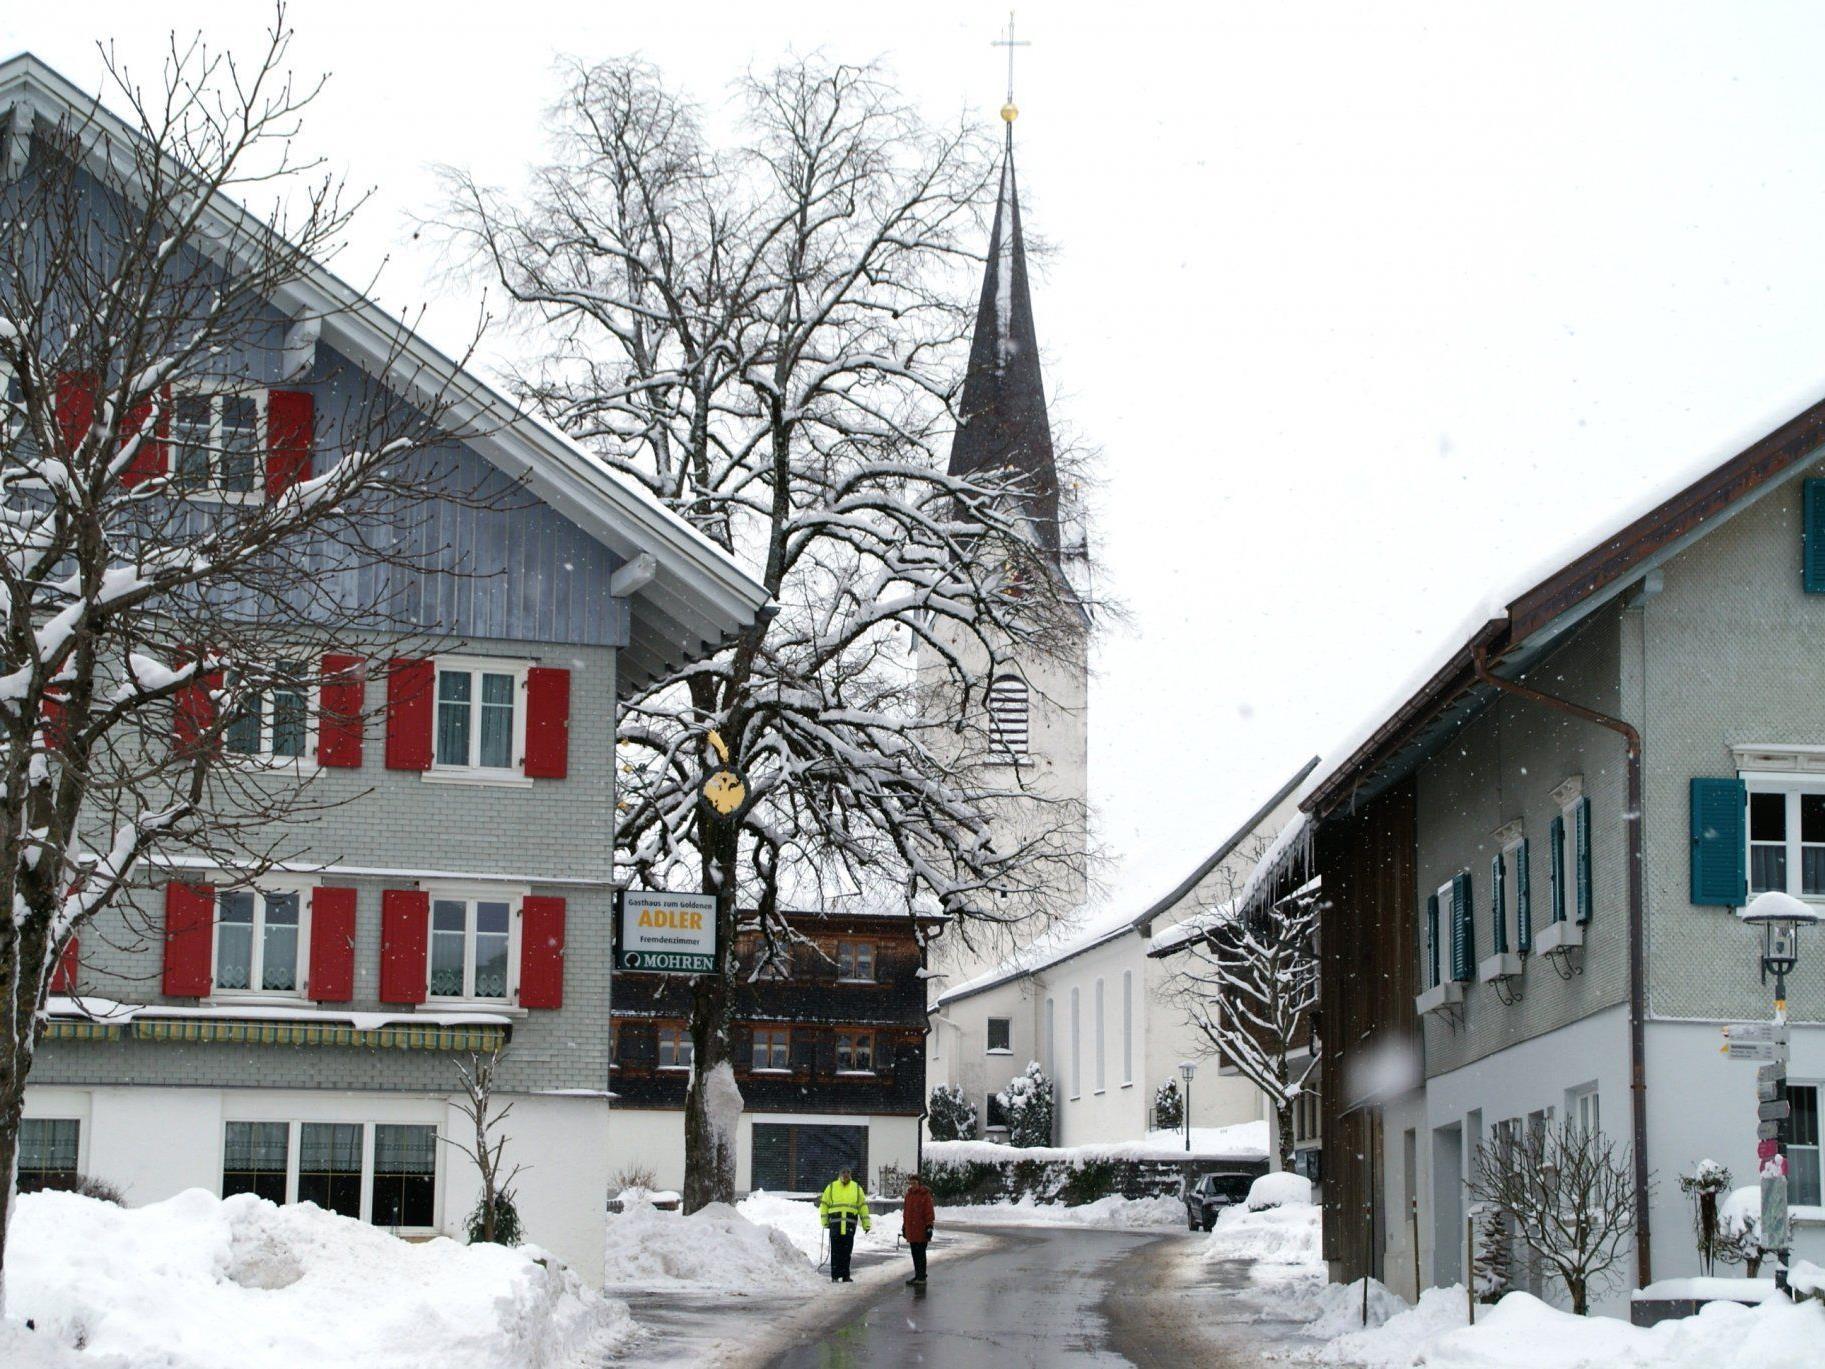 Zwei Touristen erkunden das Ortszentrum in Riefensberg